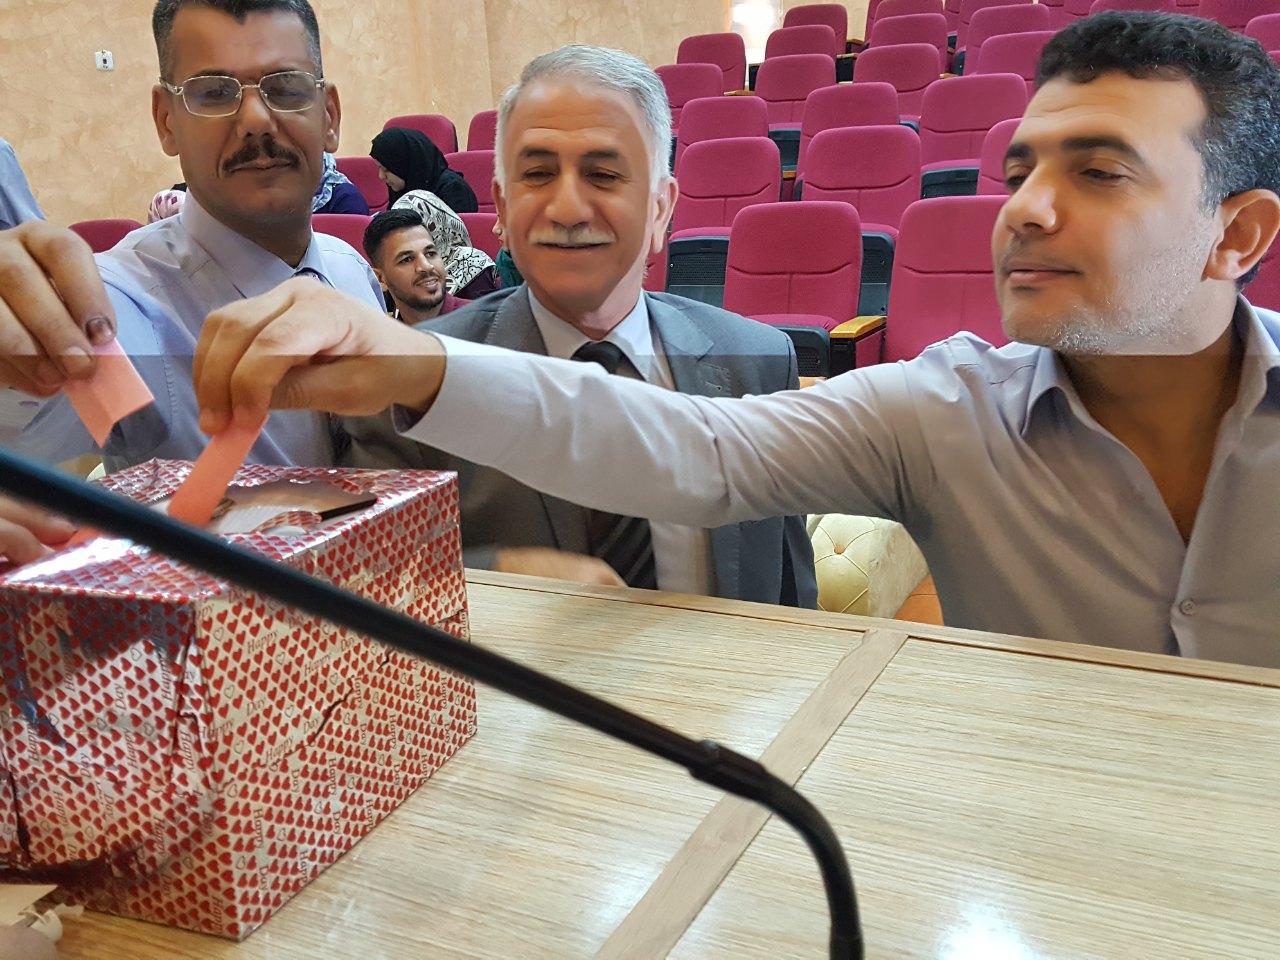 تدريسيو كلية العلوم يختارون ممثلهم لنقابة الاكاديمين العراقيين/فرع الديوانية